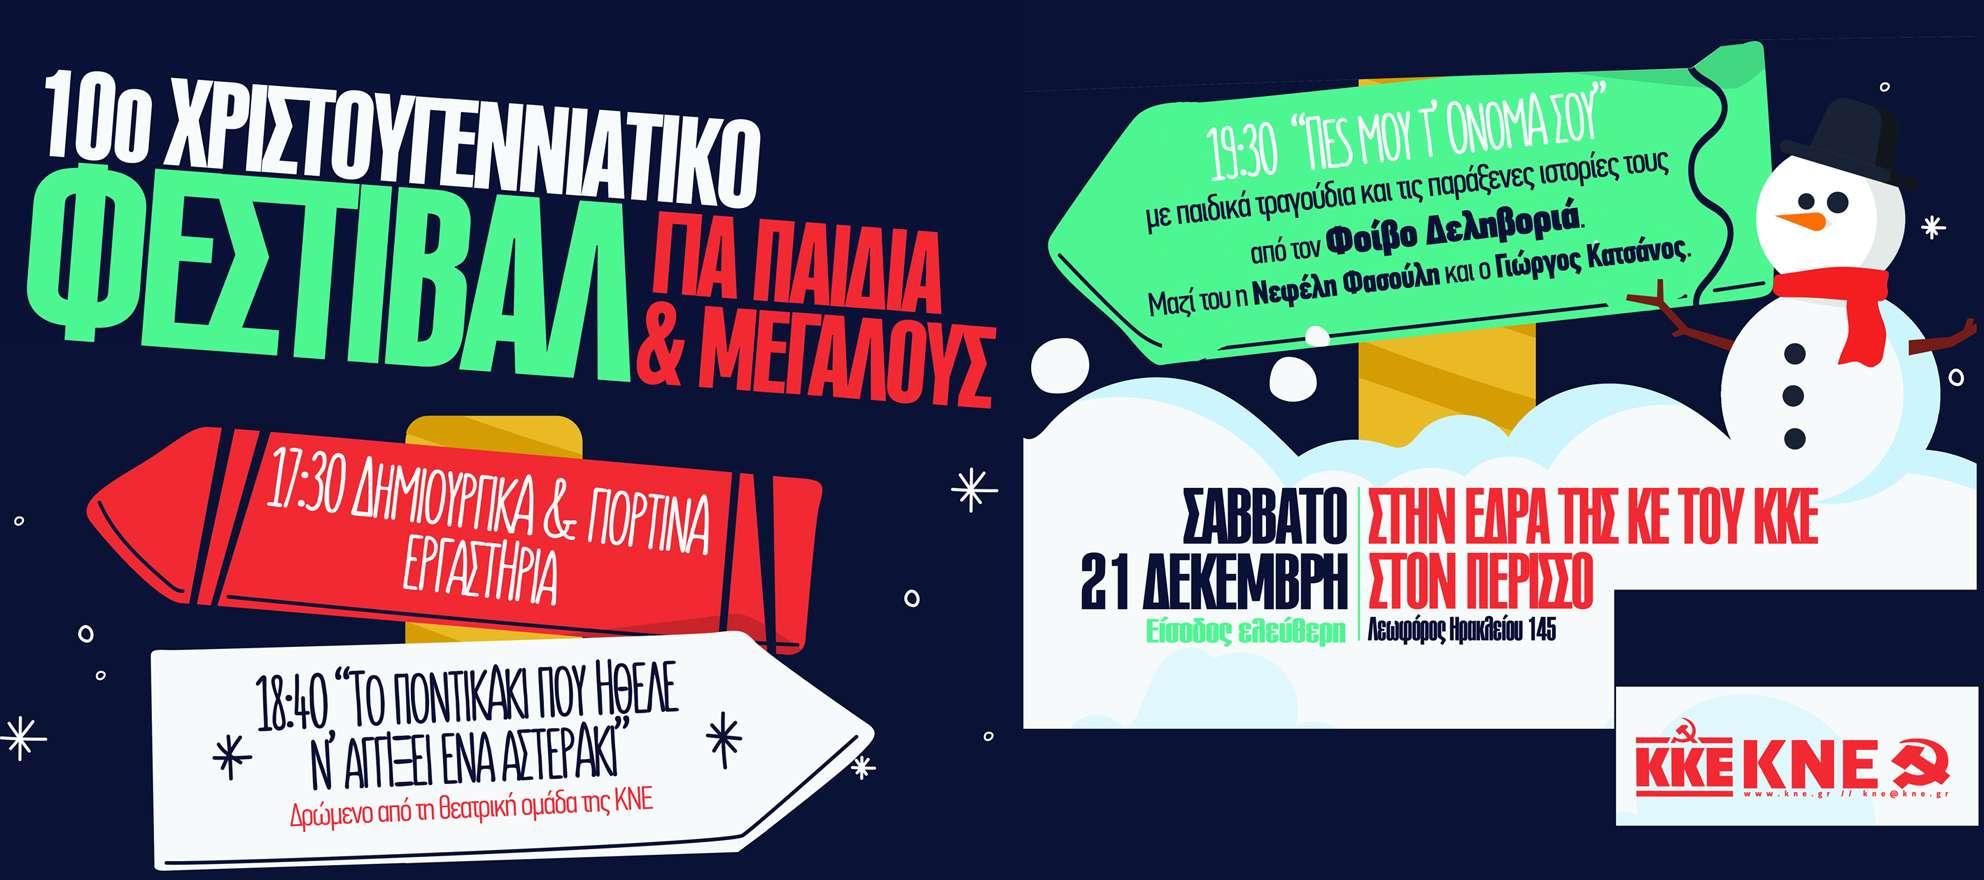 ΚΚΕ ΚΝΕ 21 Δεκέμβρη 2019 οι γιορτές για τα παιδιά σε Αθήνα και Θεσσαλονίκη